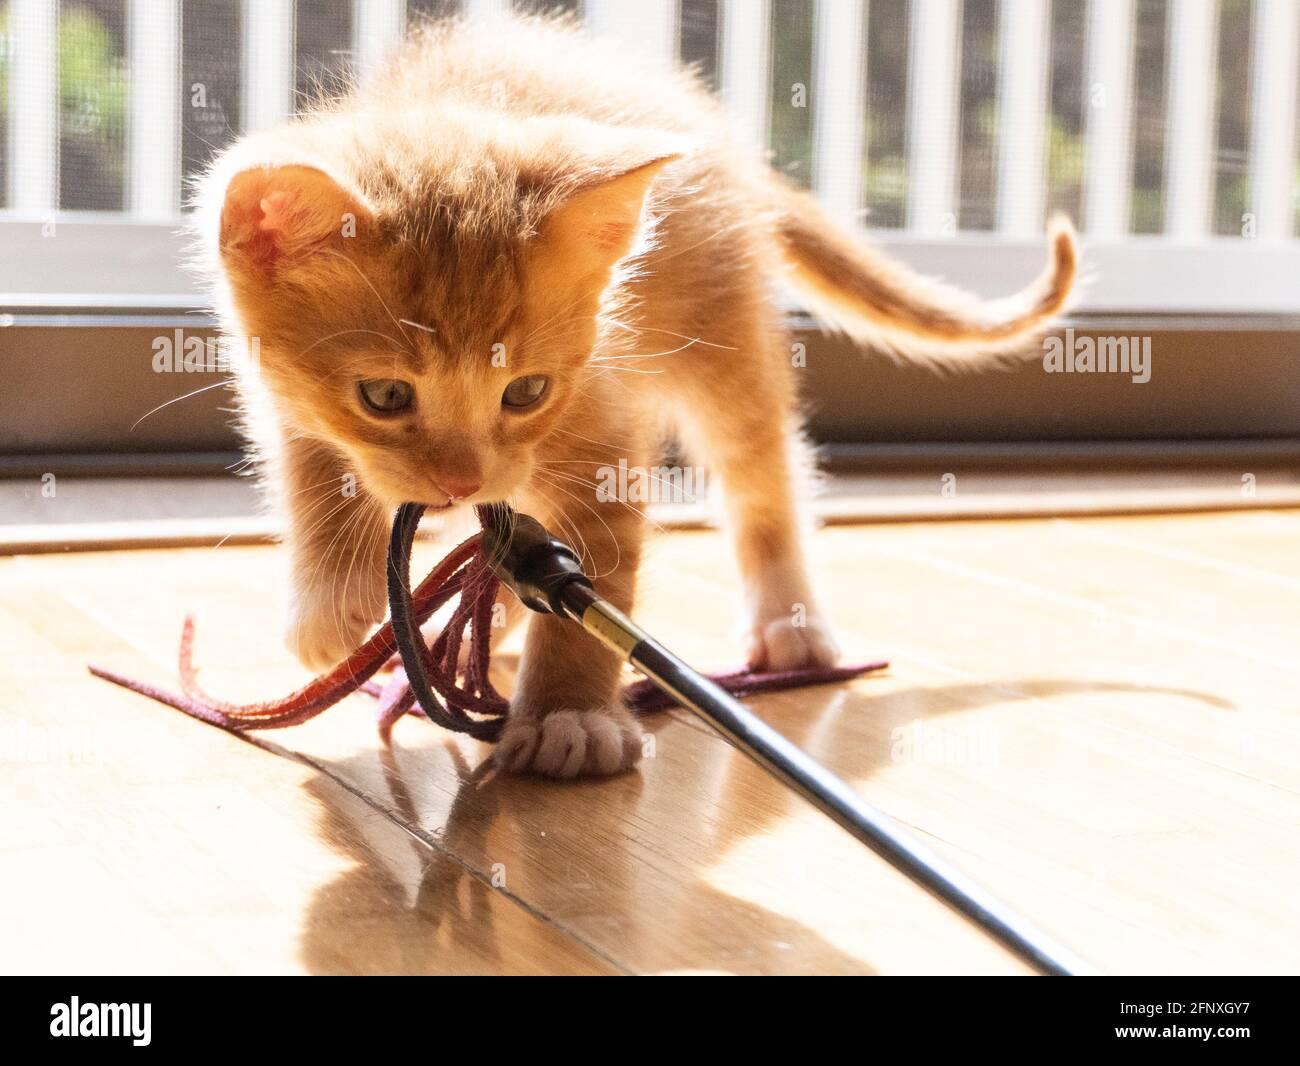 Un chaton à poil court au gingembre blanc et orange joue avec un jouet dans la lumière du soleil depuis une fenêtre Banque D'Images